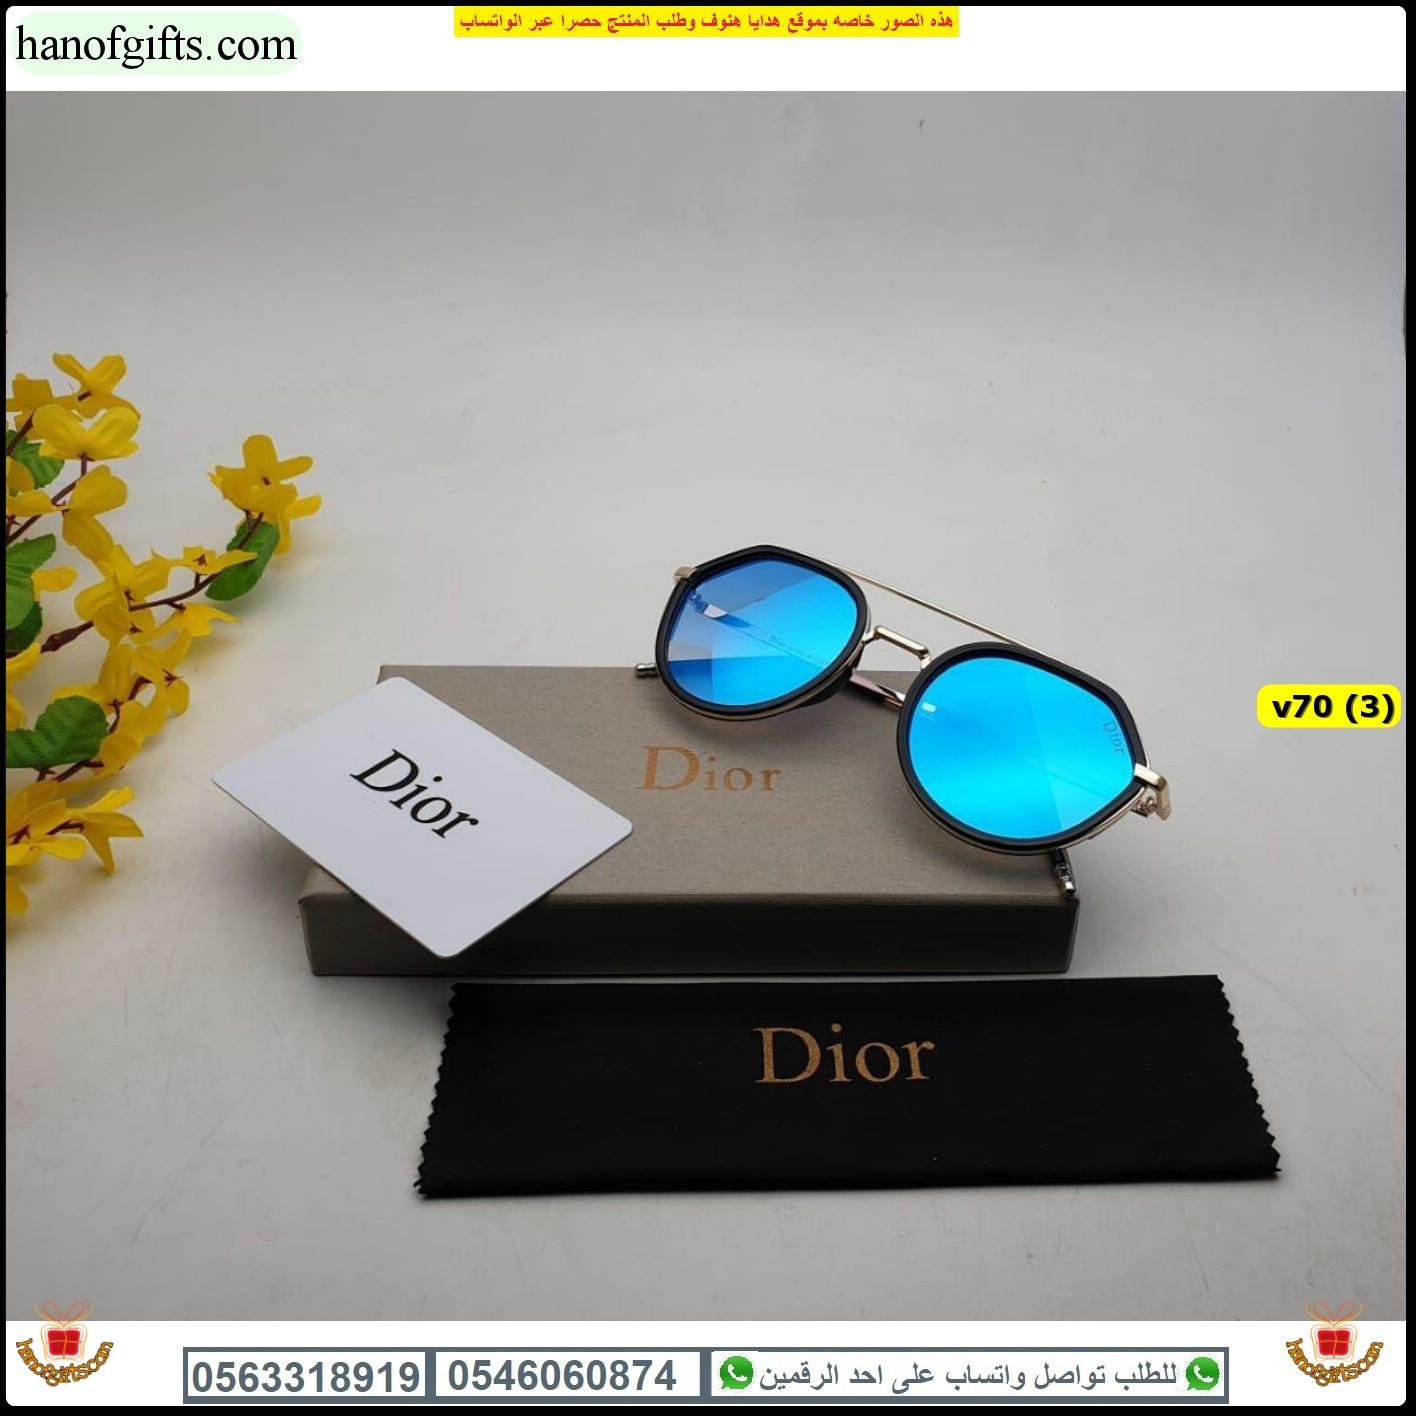 نظارات dior 2020